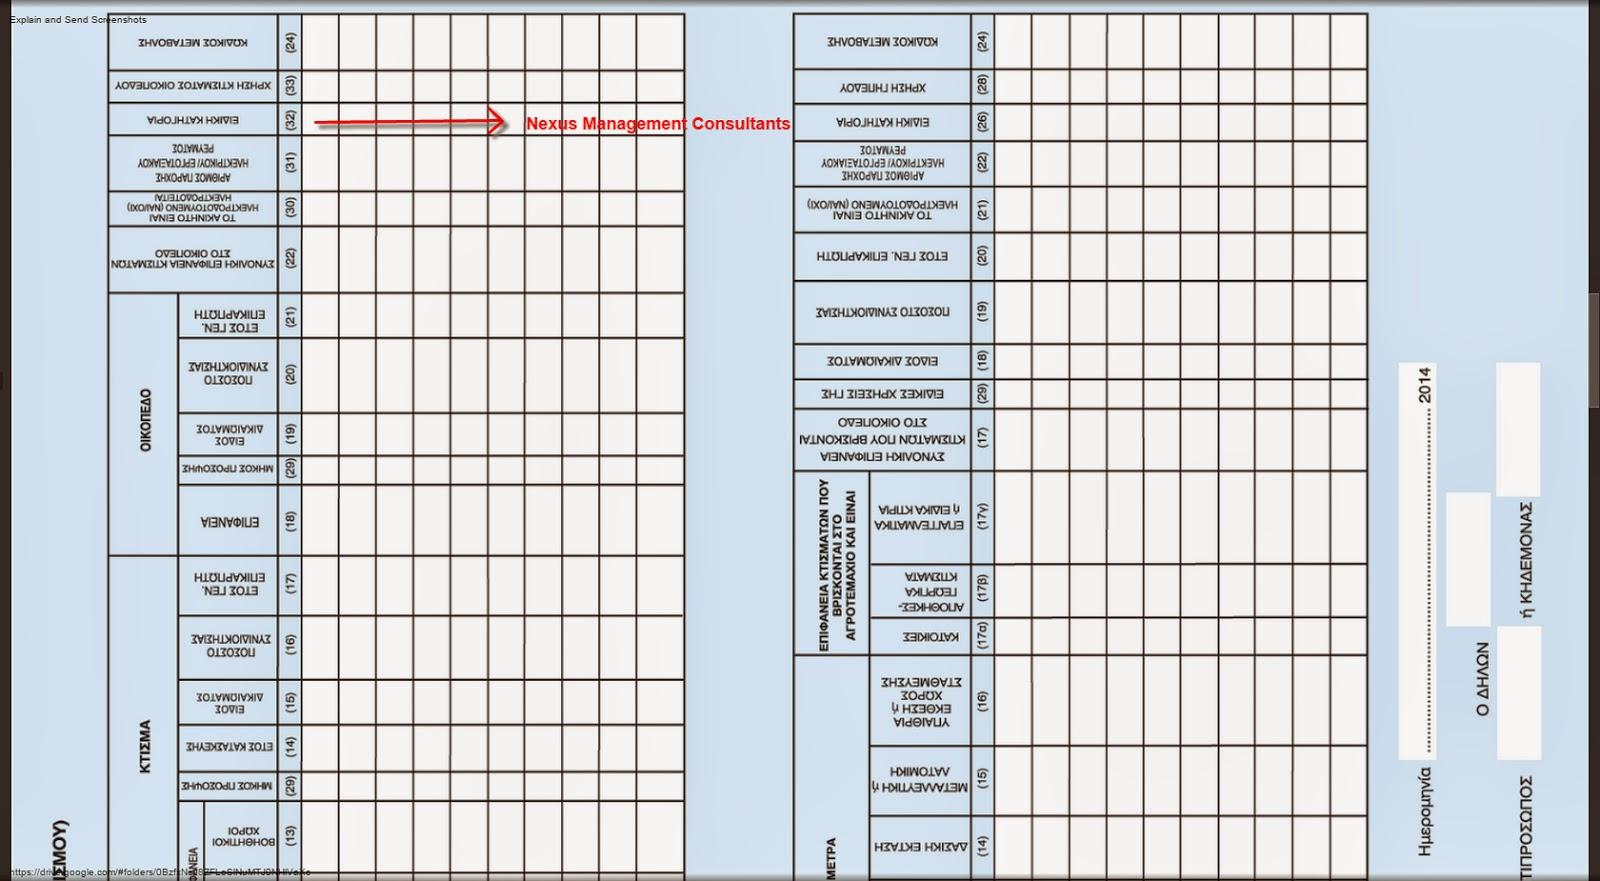 Παράταση έως τις 19/12 η υποβολή των τροποποιητικών δηλώσεων Ε9 για τα έτη 2011, 2012, 2013 και 2014